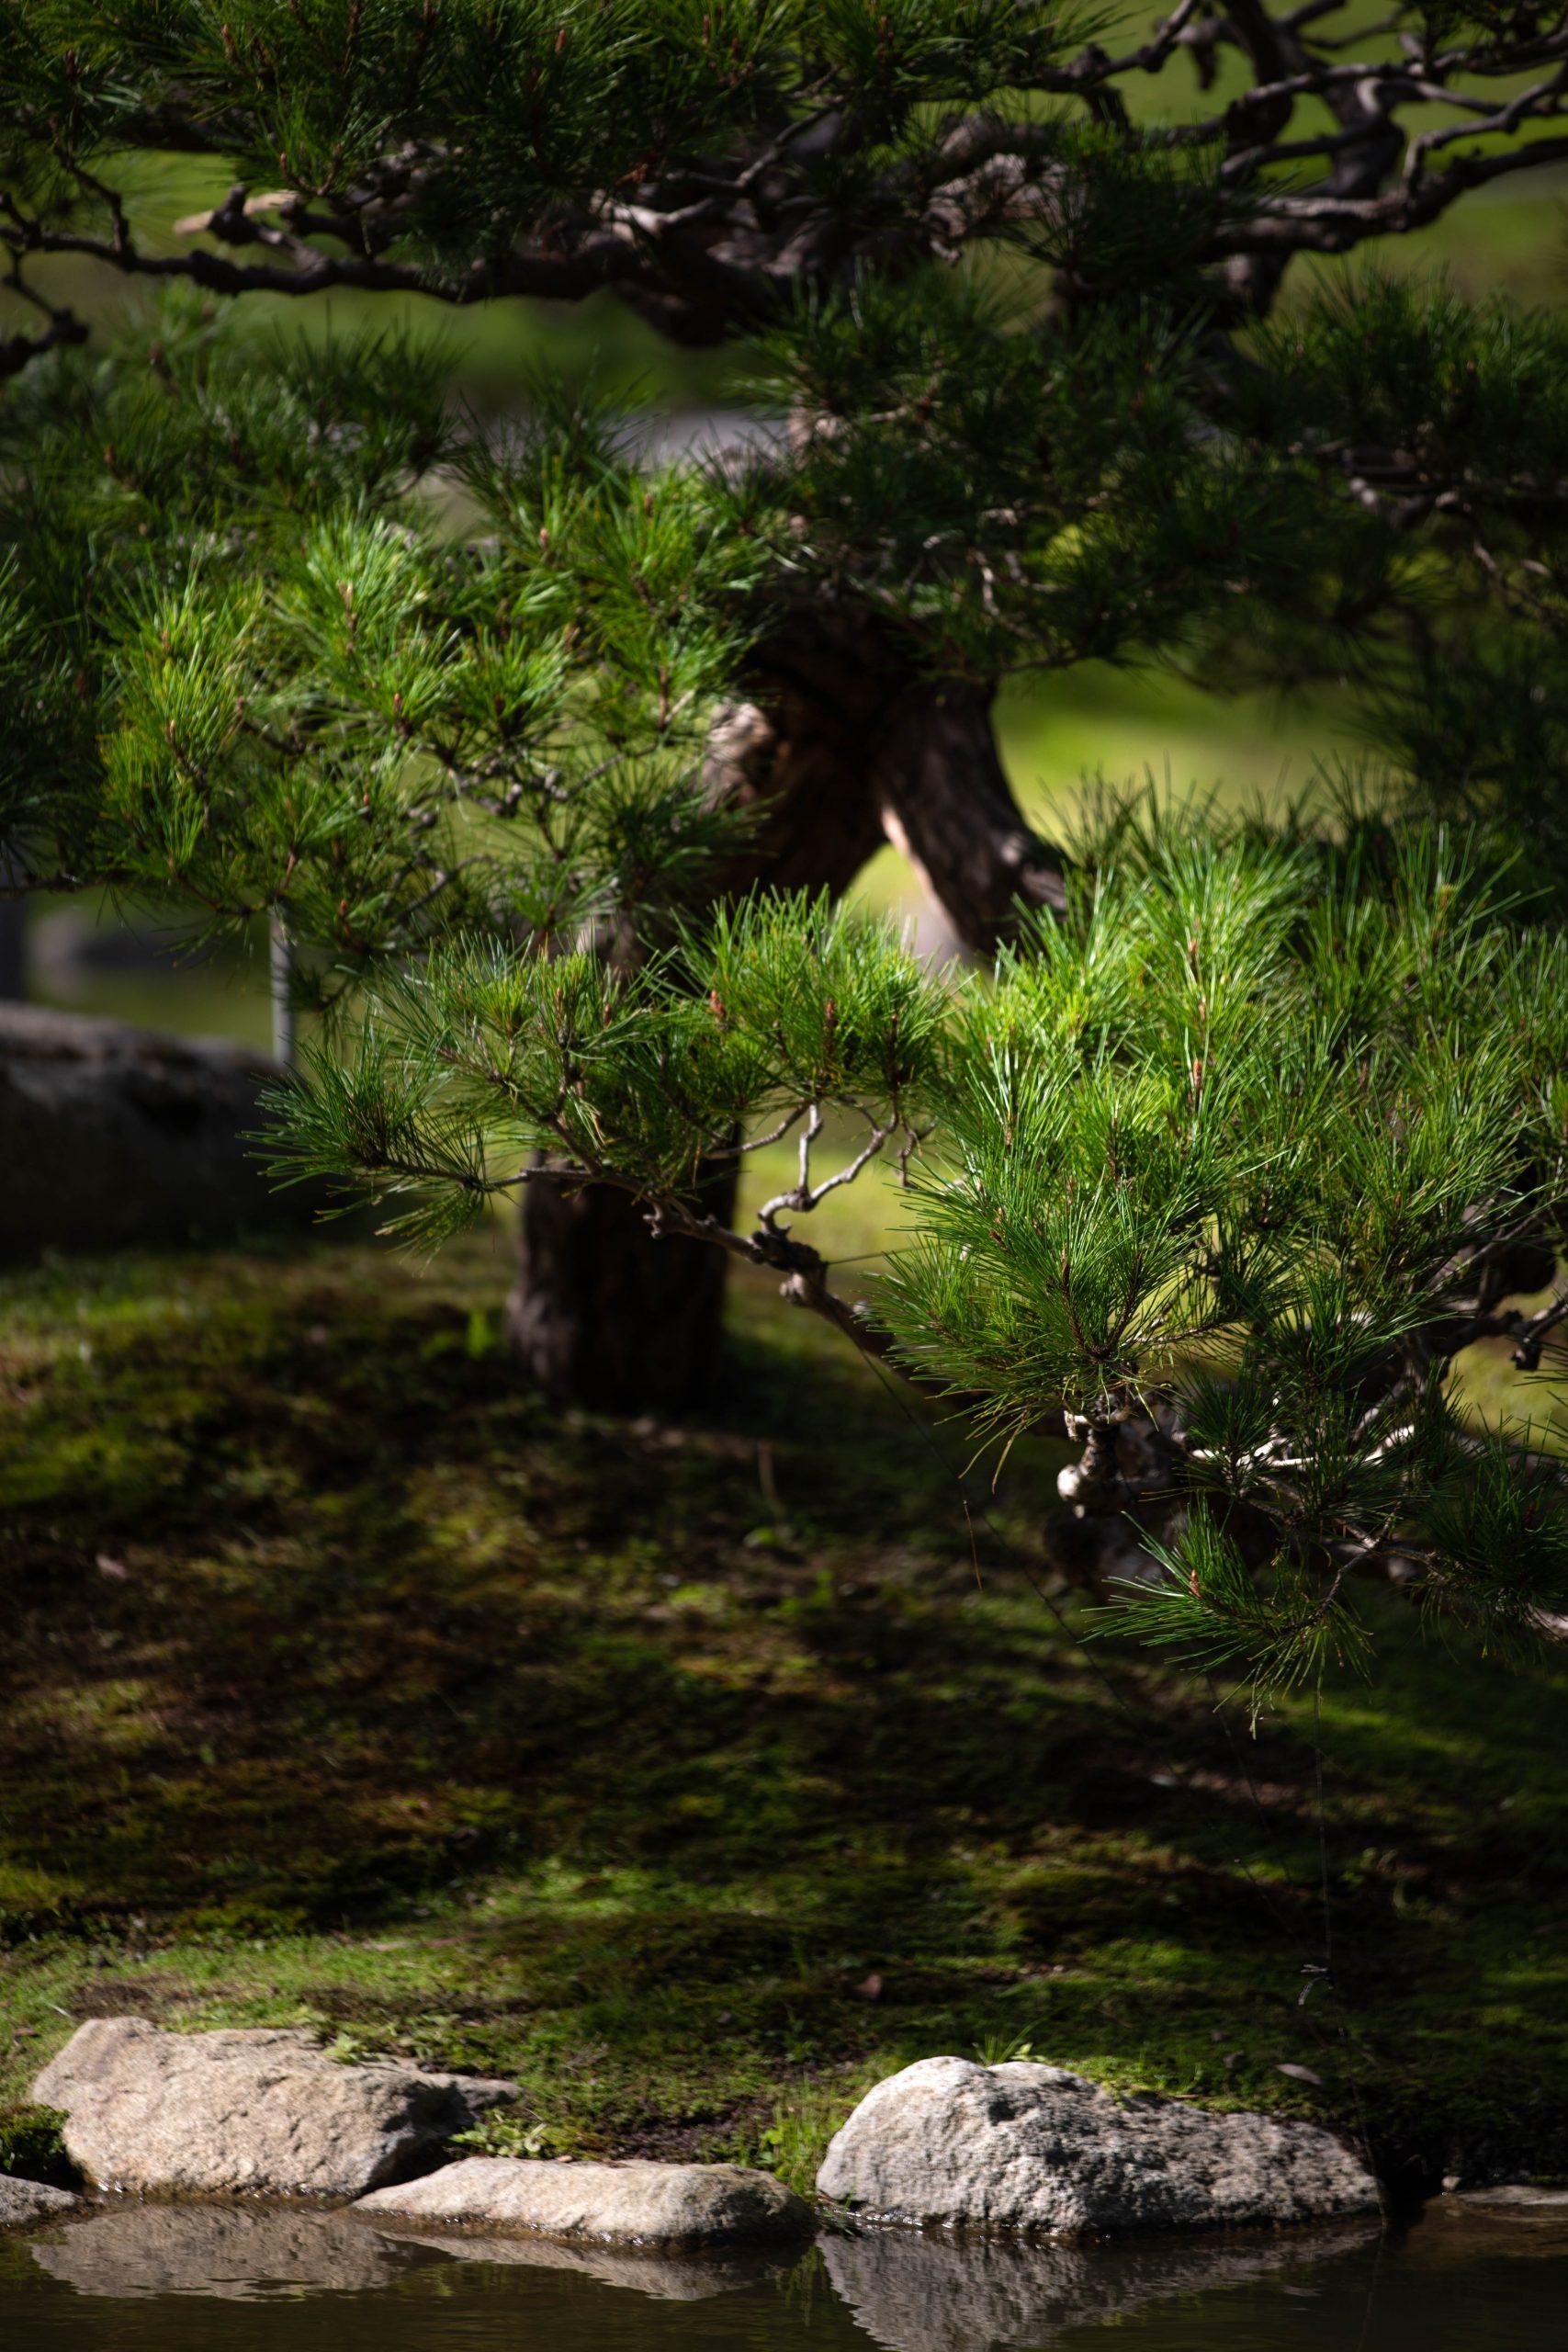 Pine Tree at Seattle Japanese Garden in Washington Pacific Northwest by Annie Fairfax